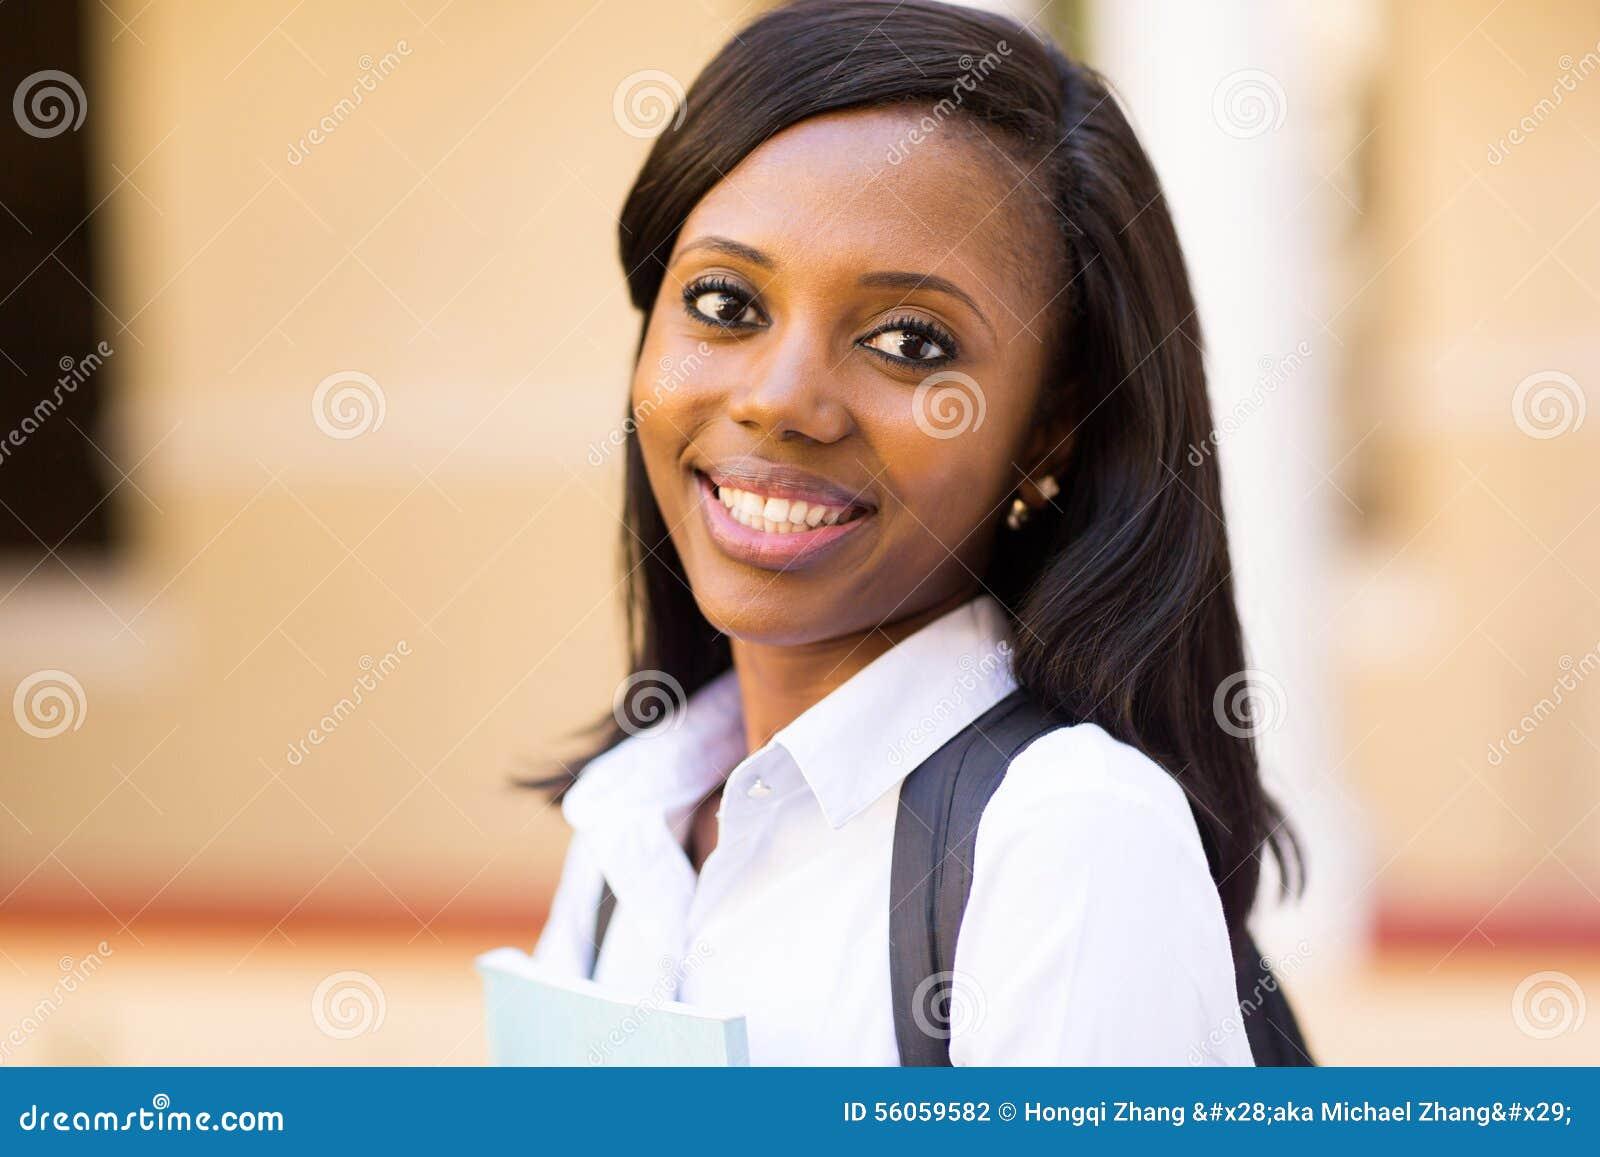 Estudante universitário afro-americana